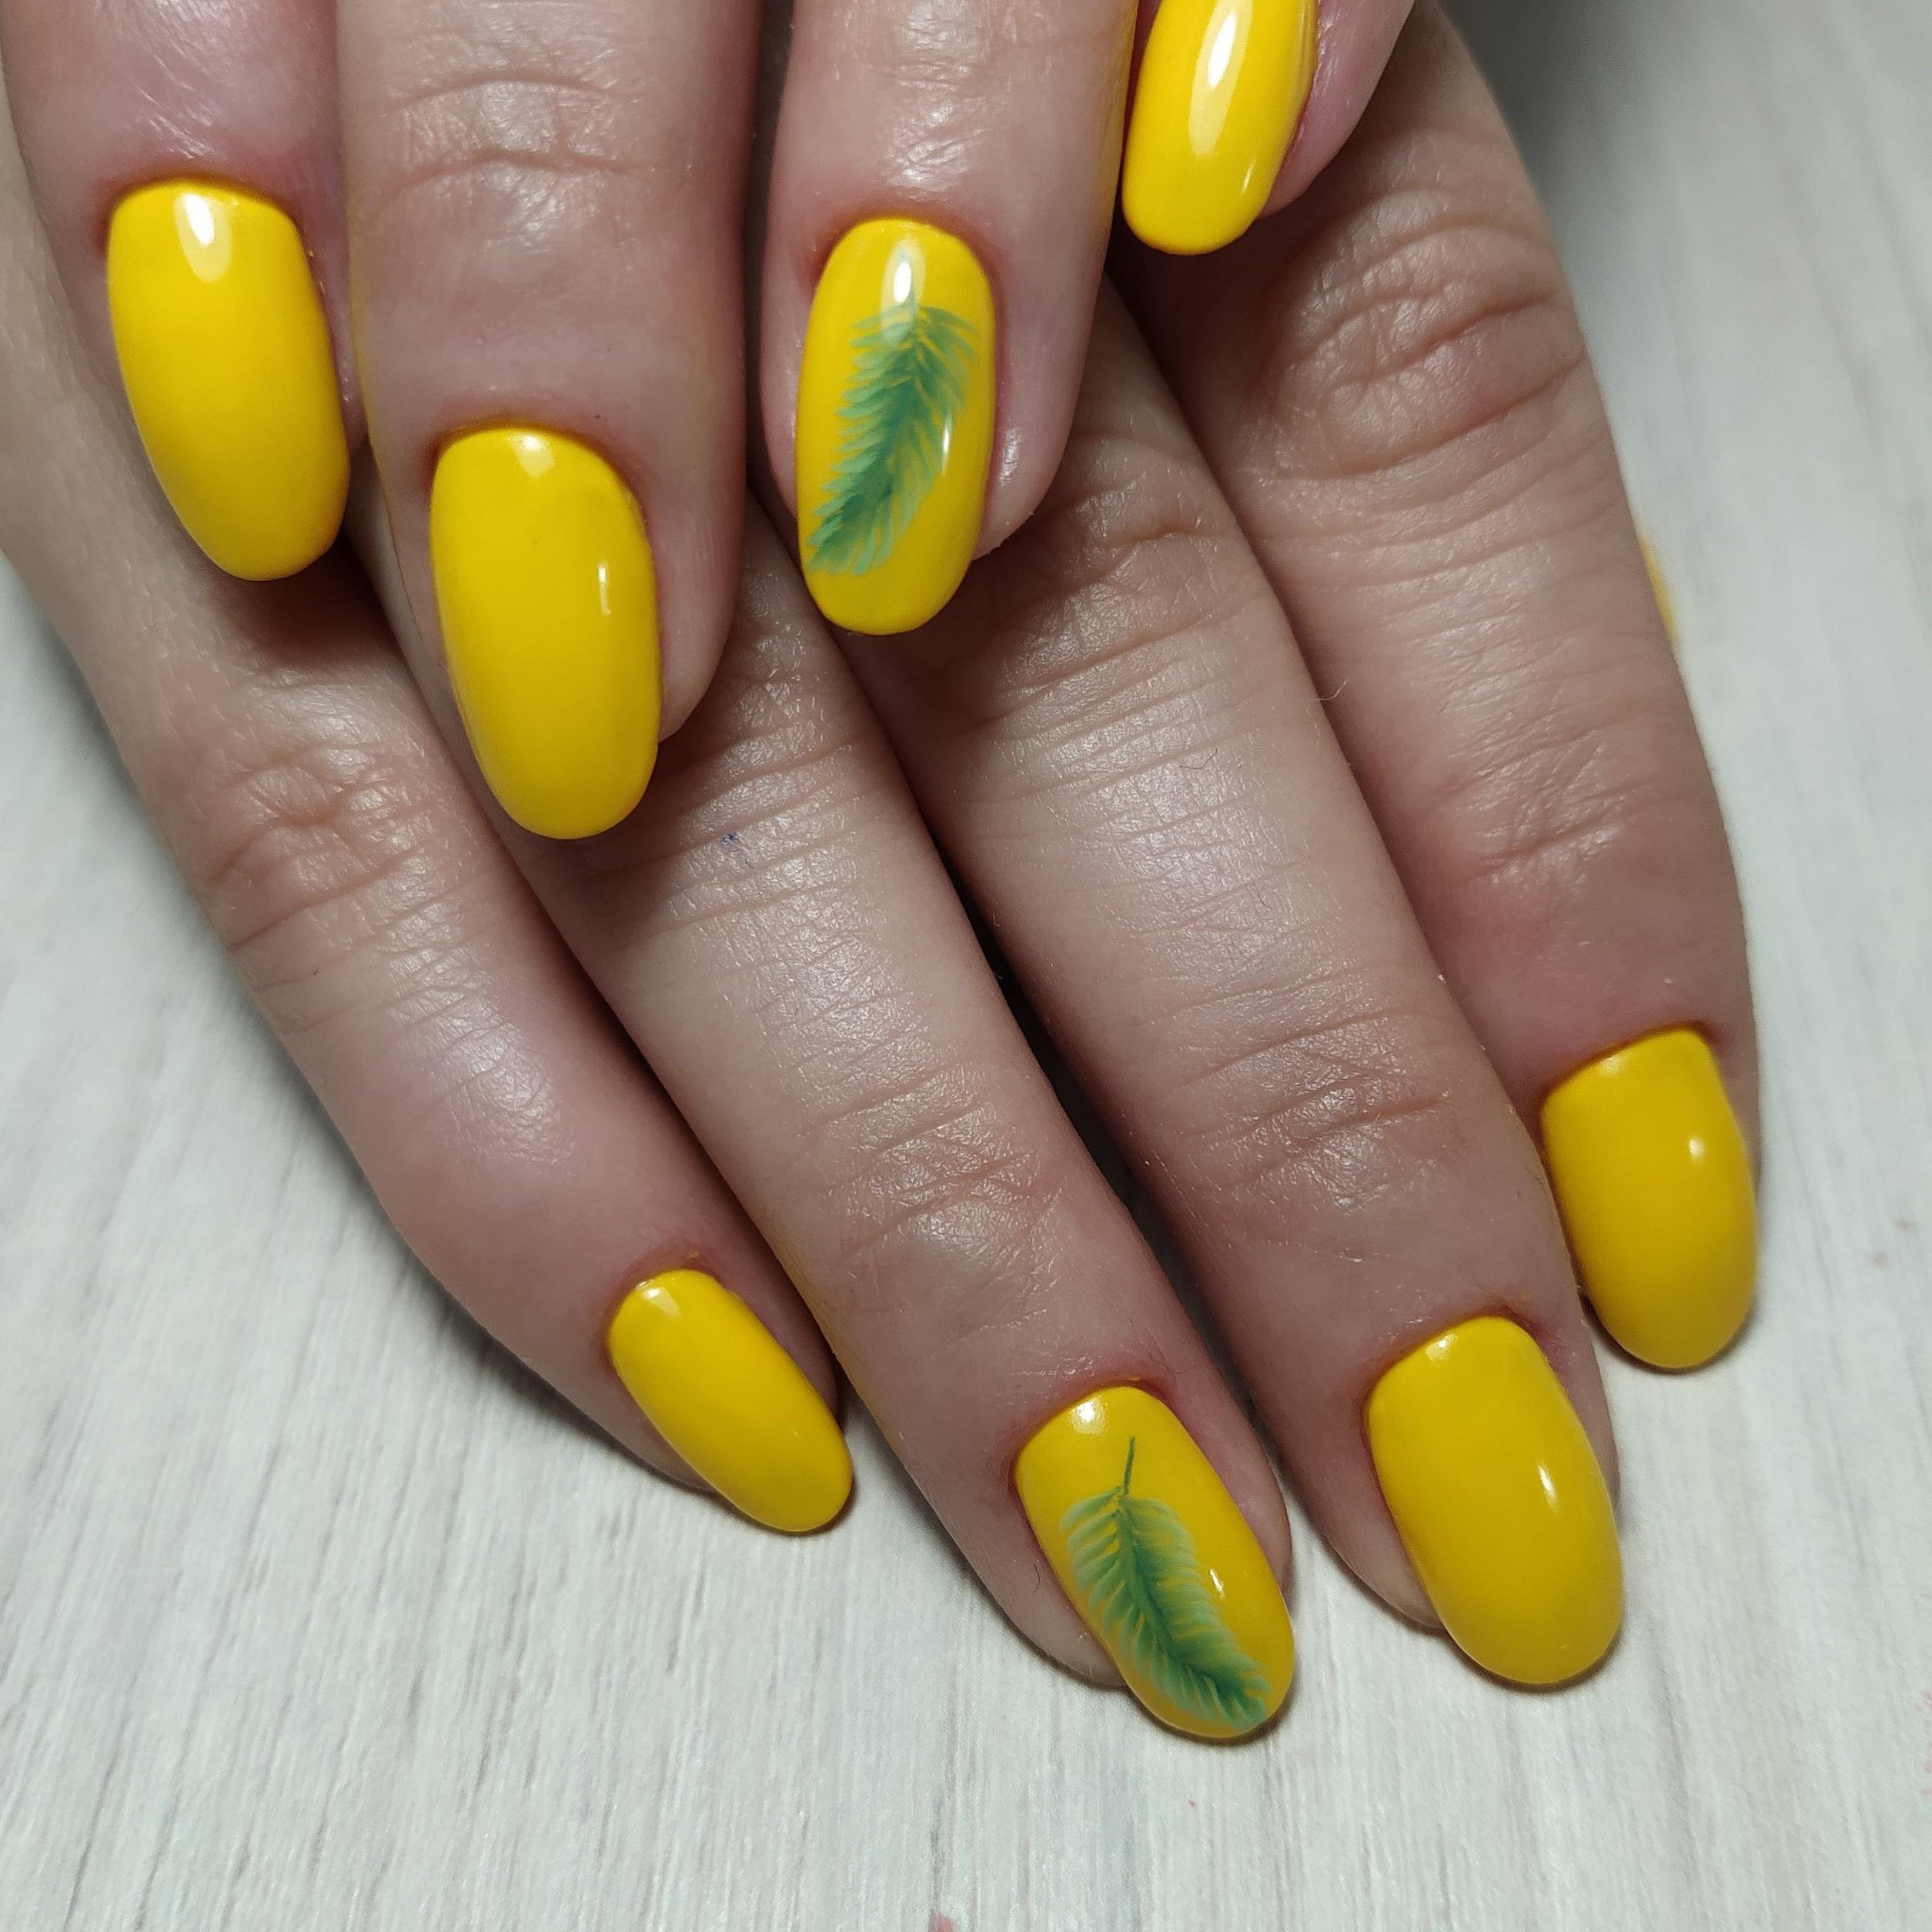 Маникюр с росписью в желтом цвете на короткие ногти.